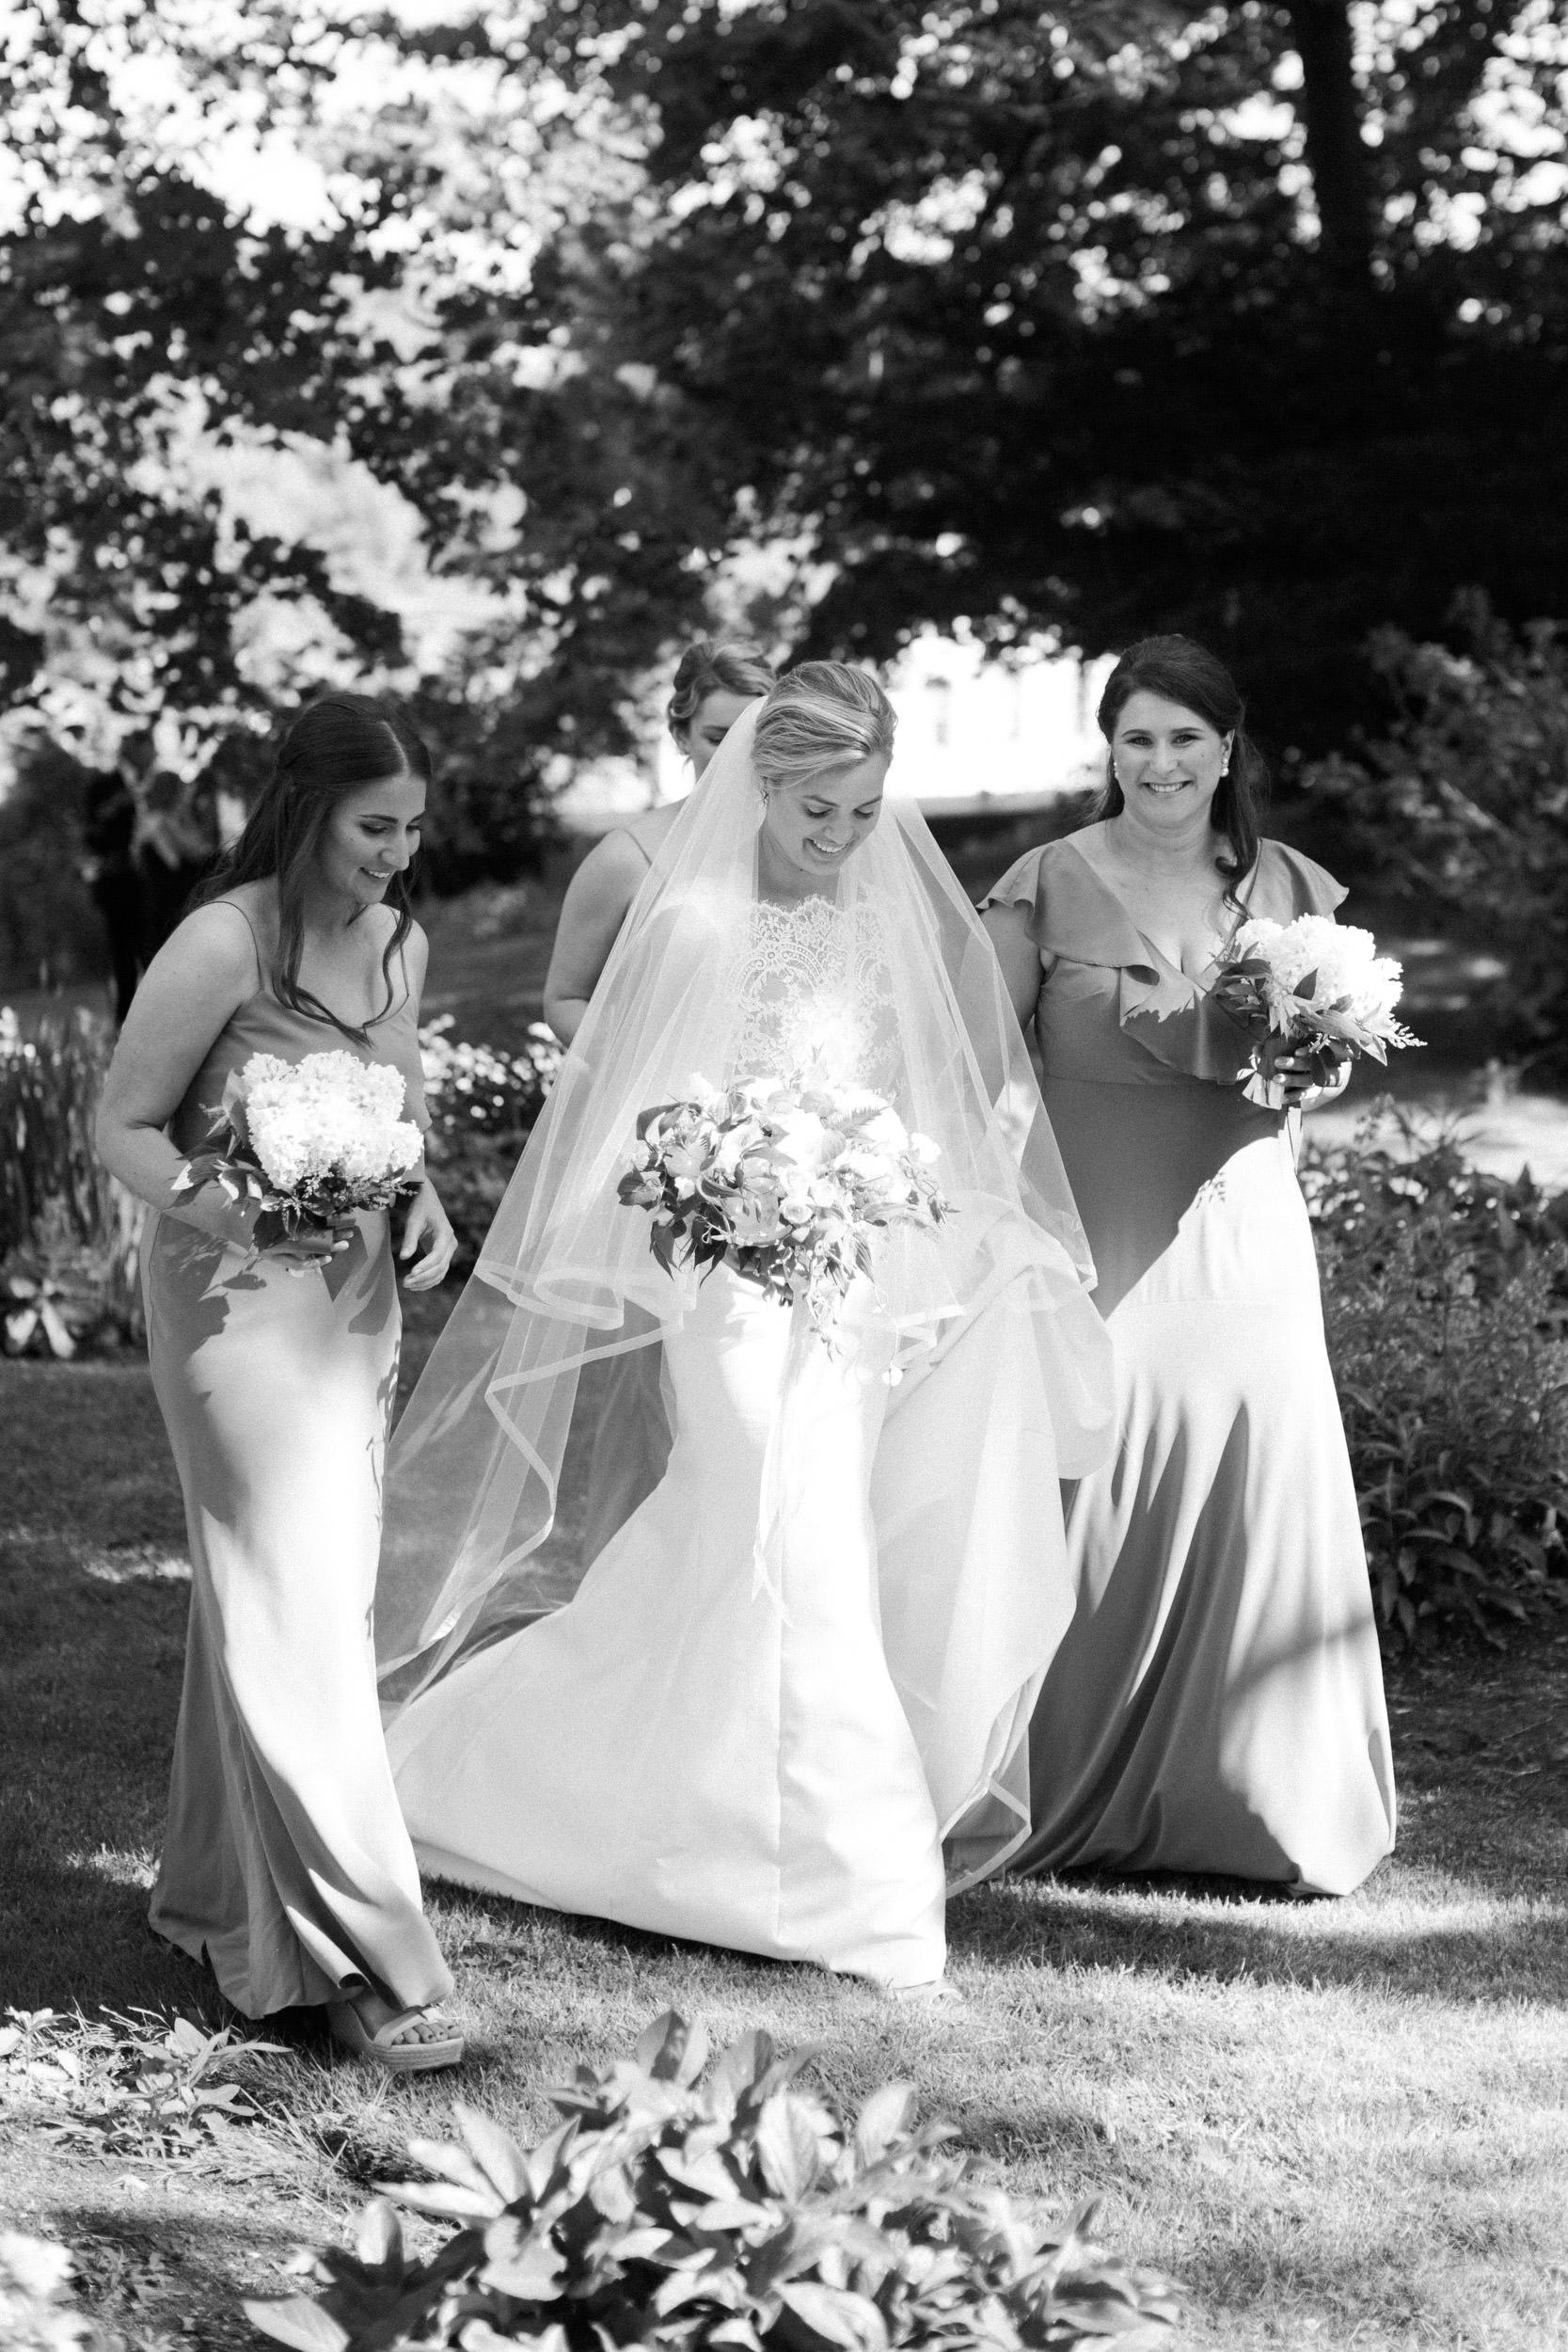 castle_hill_inn_wedding_photos_021.jpg